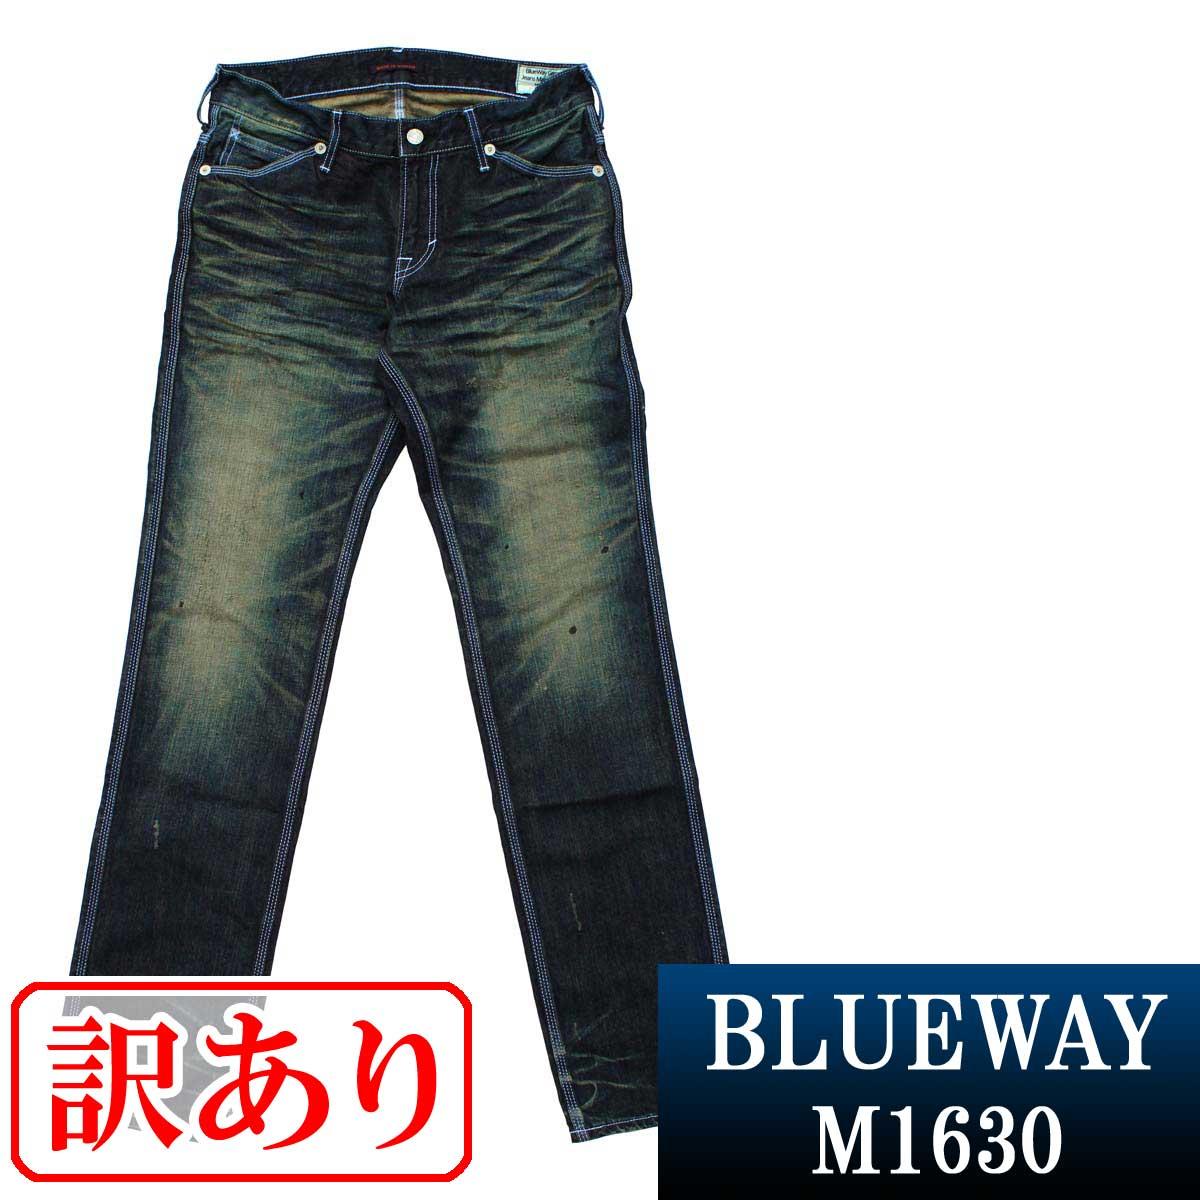 訳あり品:BLUEWAY:ビンテージデニム・エンジニアインカットジーンズ(モーターサイクル):M1630-6155 ブルーウェイ ジーンズ メンズ デニム 裾上げ B67